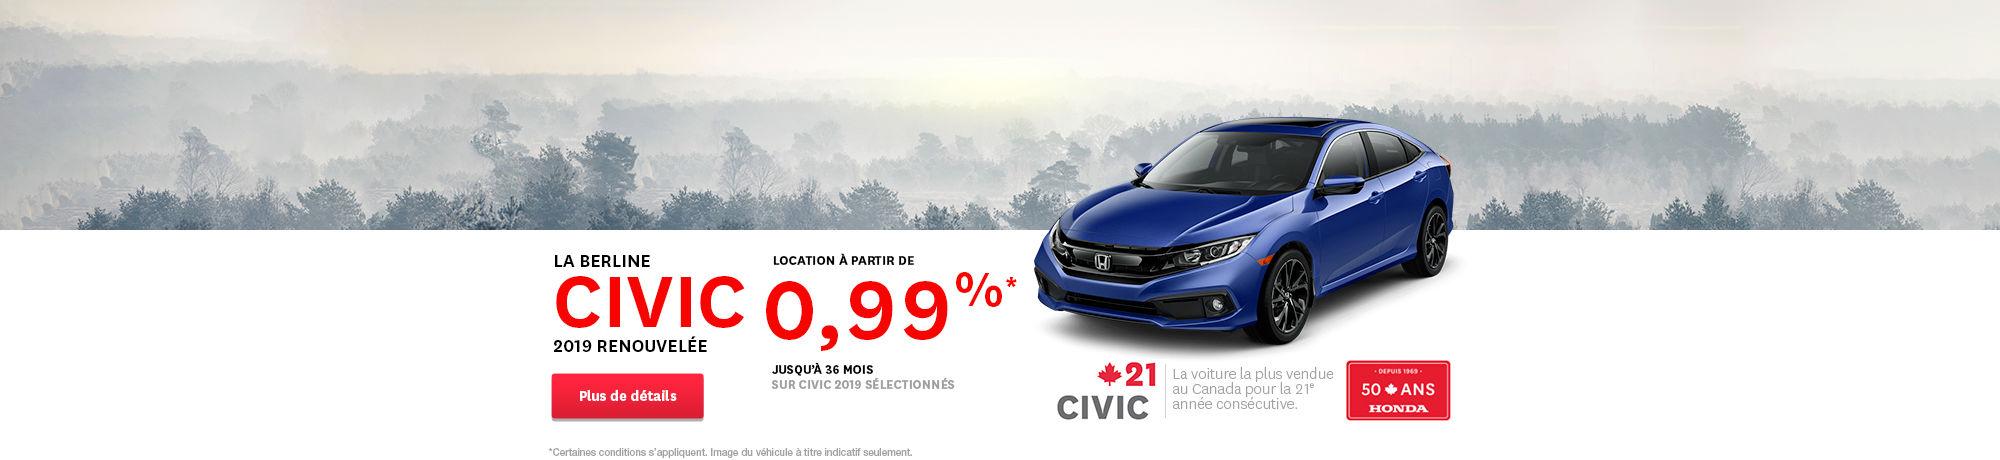 Honda civic 2019 header